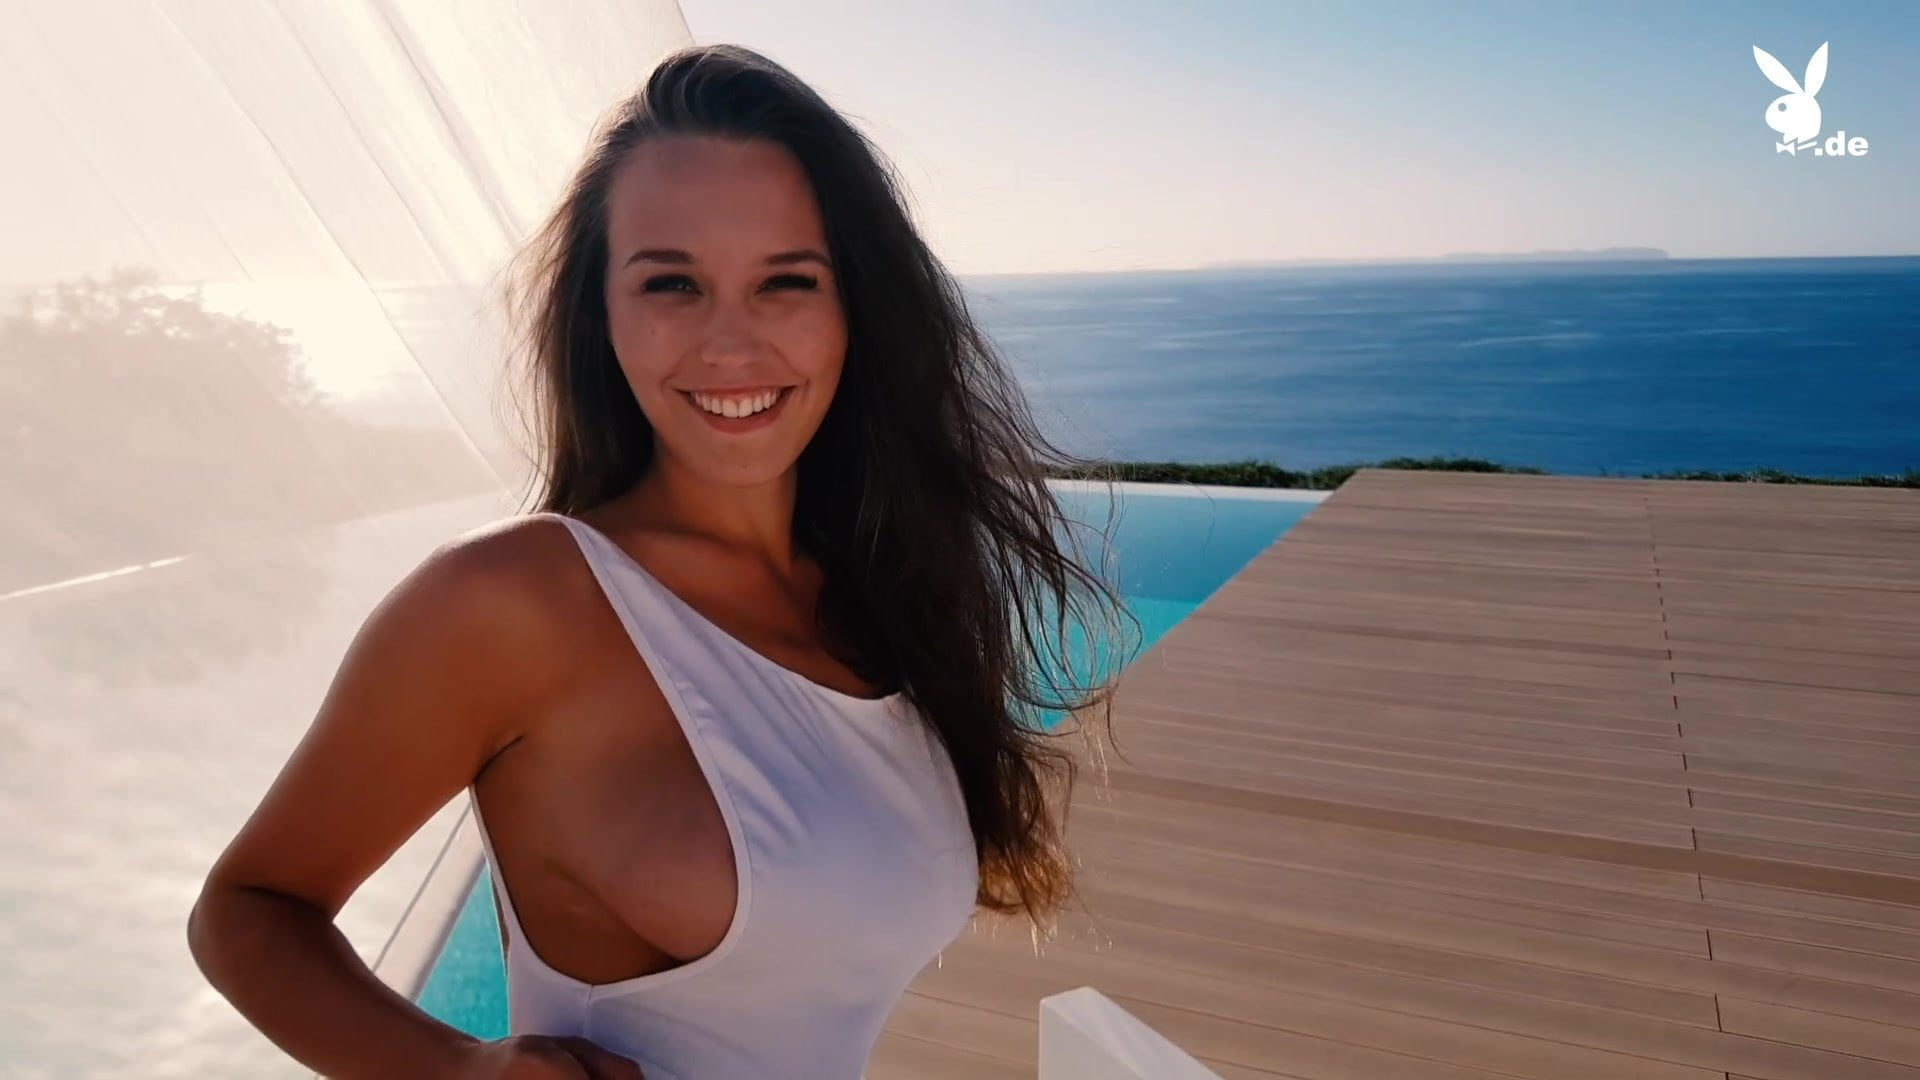 Laura Mueller Playboy Video Free Viptube Porn 94 Xhamster